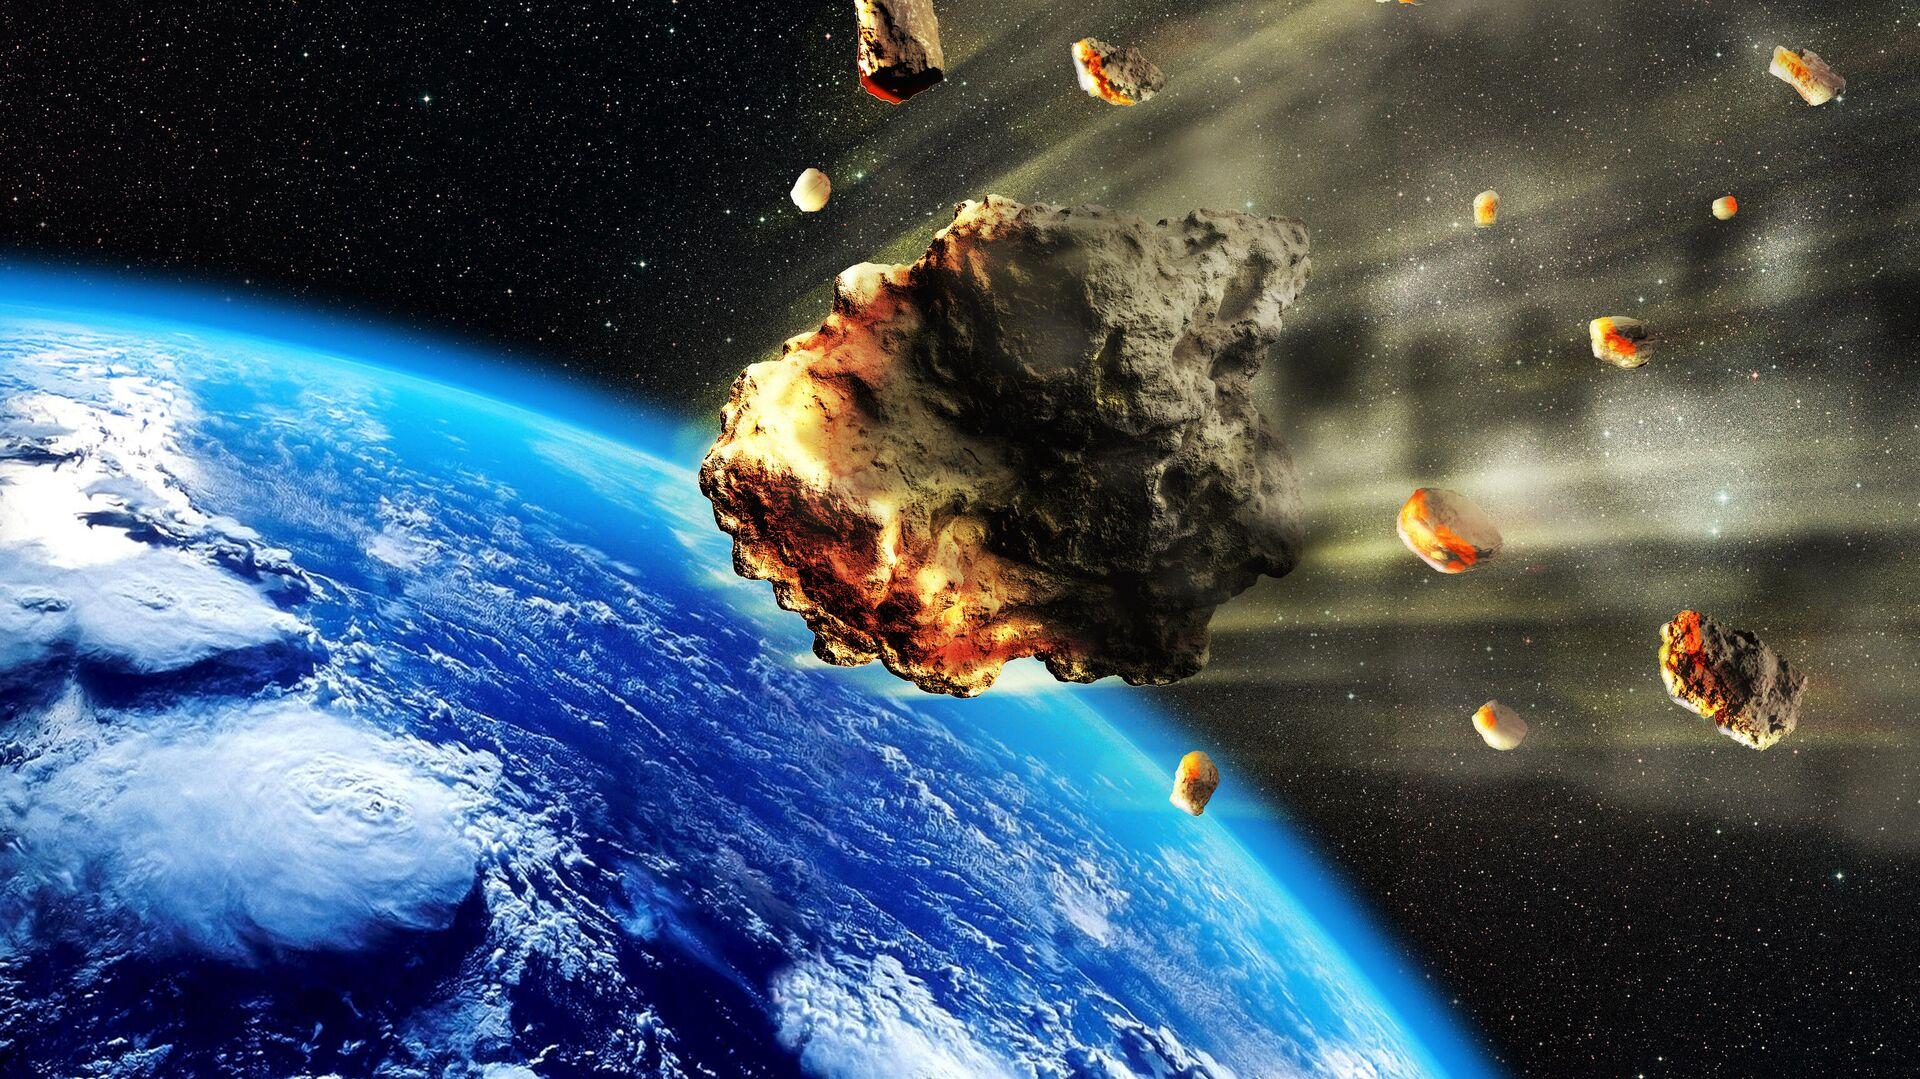 Астероиды в атмосфере Земли - РИА Новости, 1920, 30.06.2021